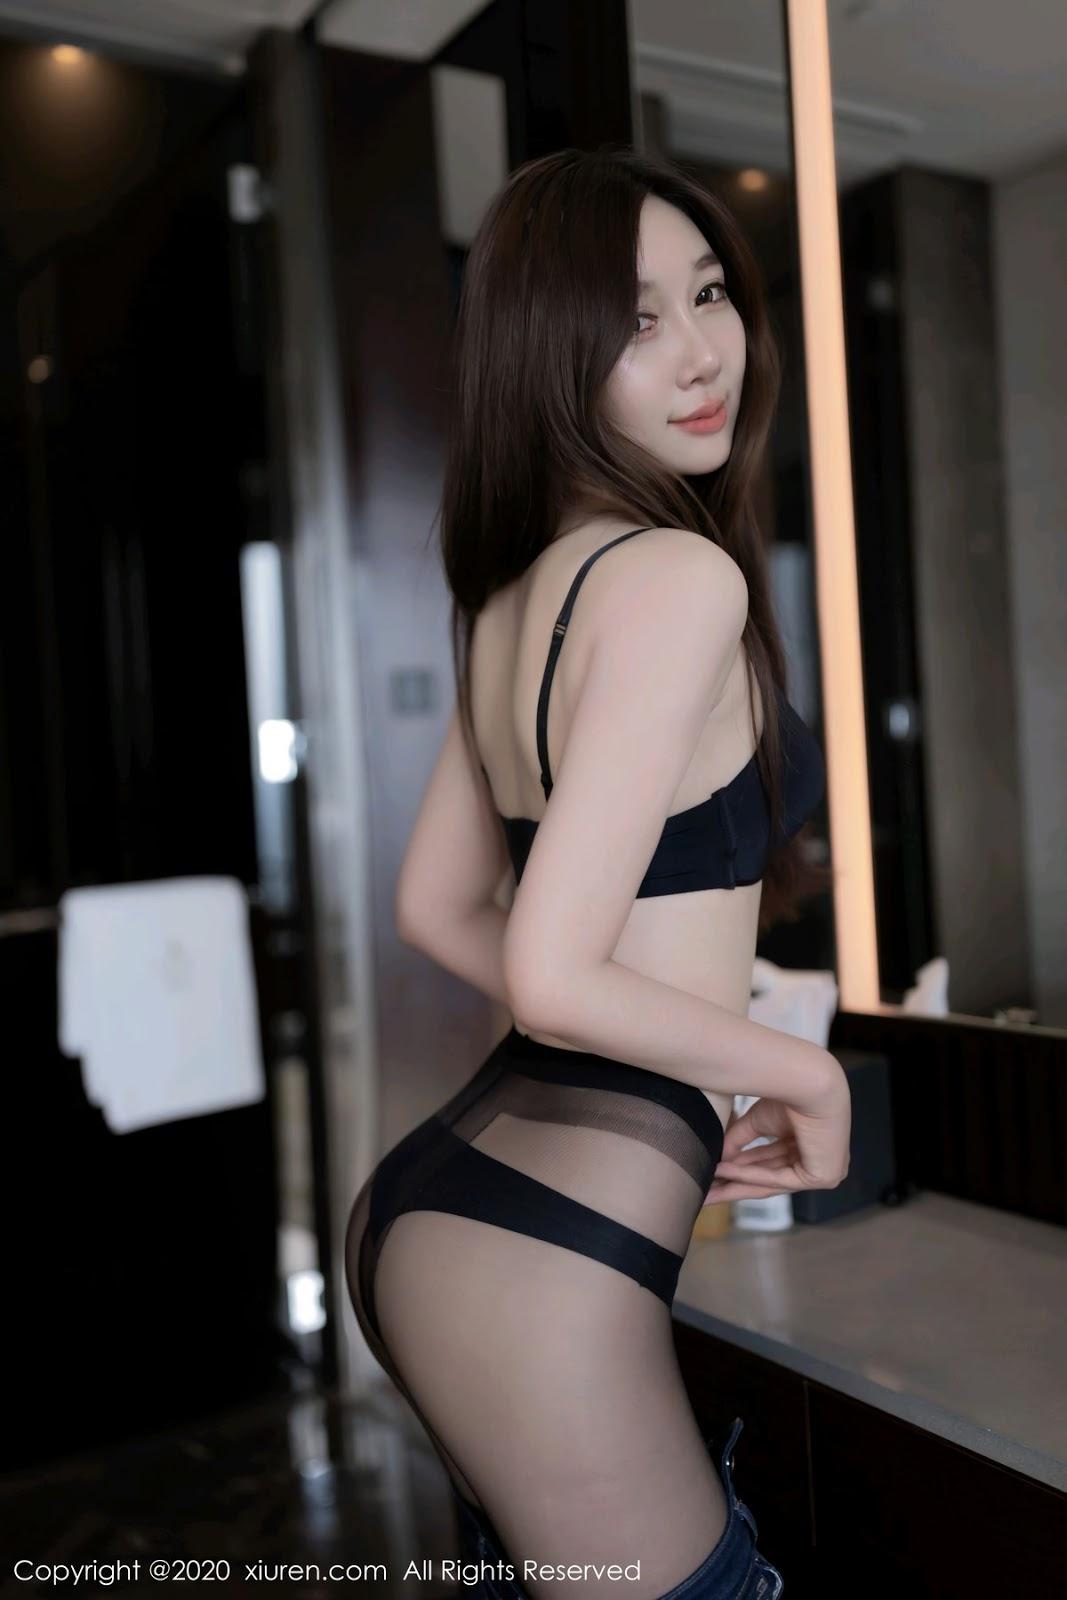 超長腿美模大秀情趣吊帶襪 Victoria志玲 - 貼圖 - 清涼寫真 -